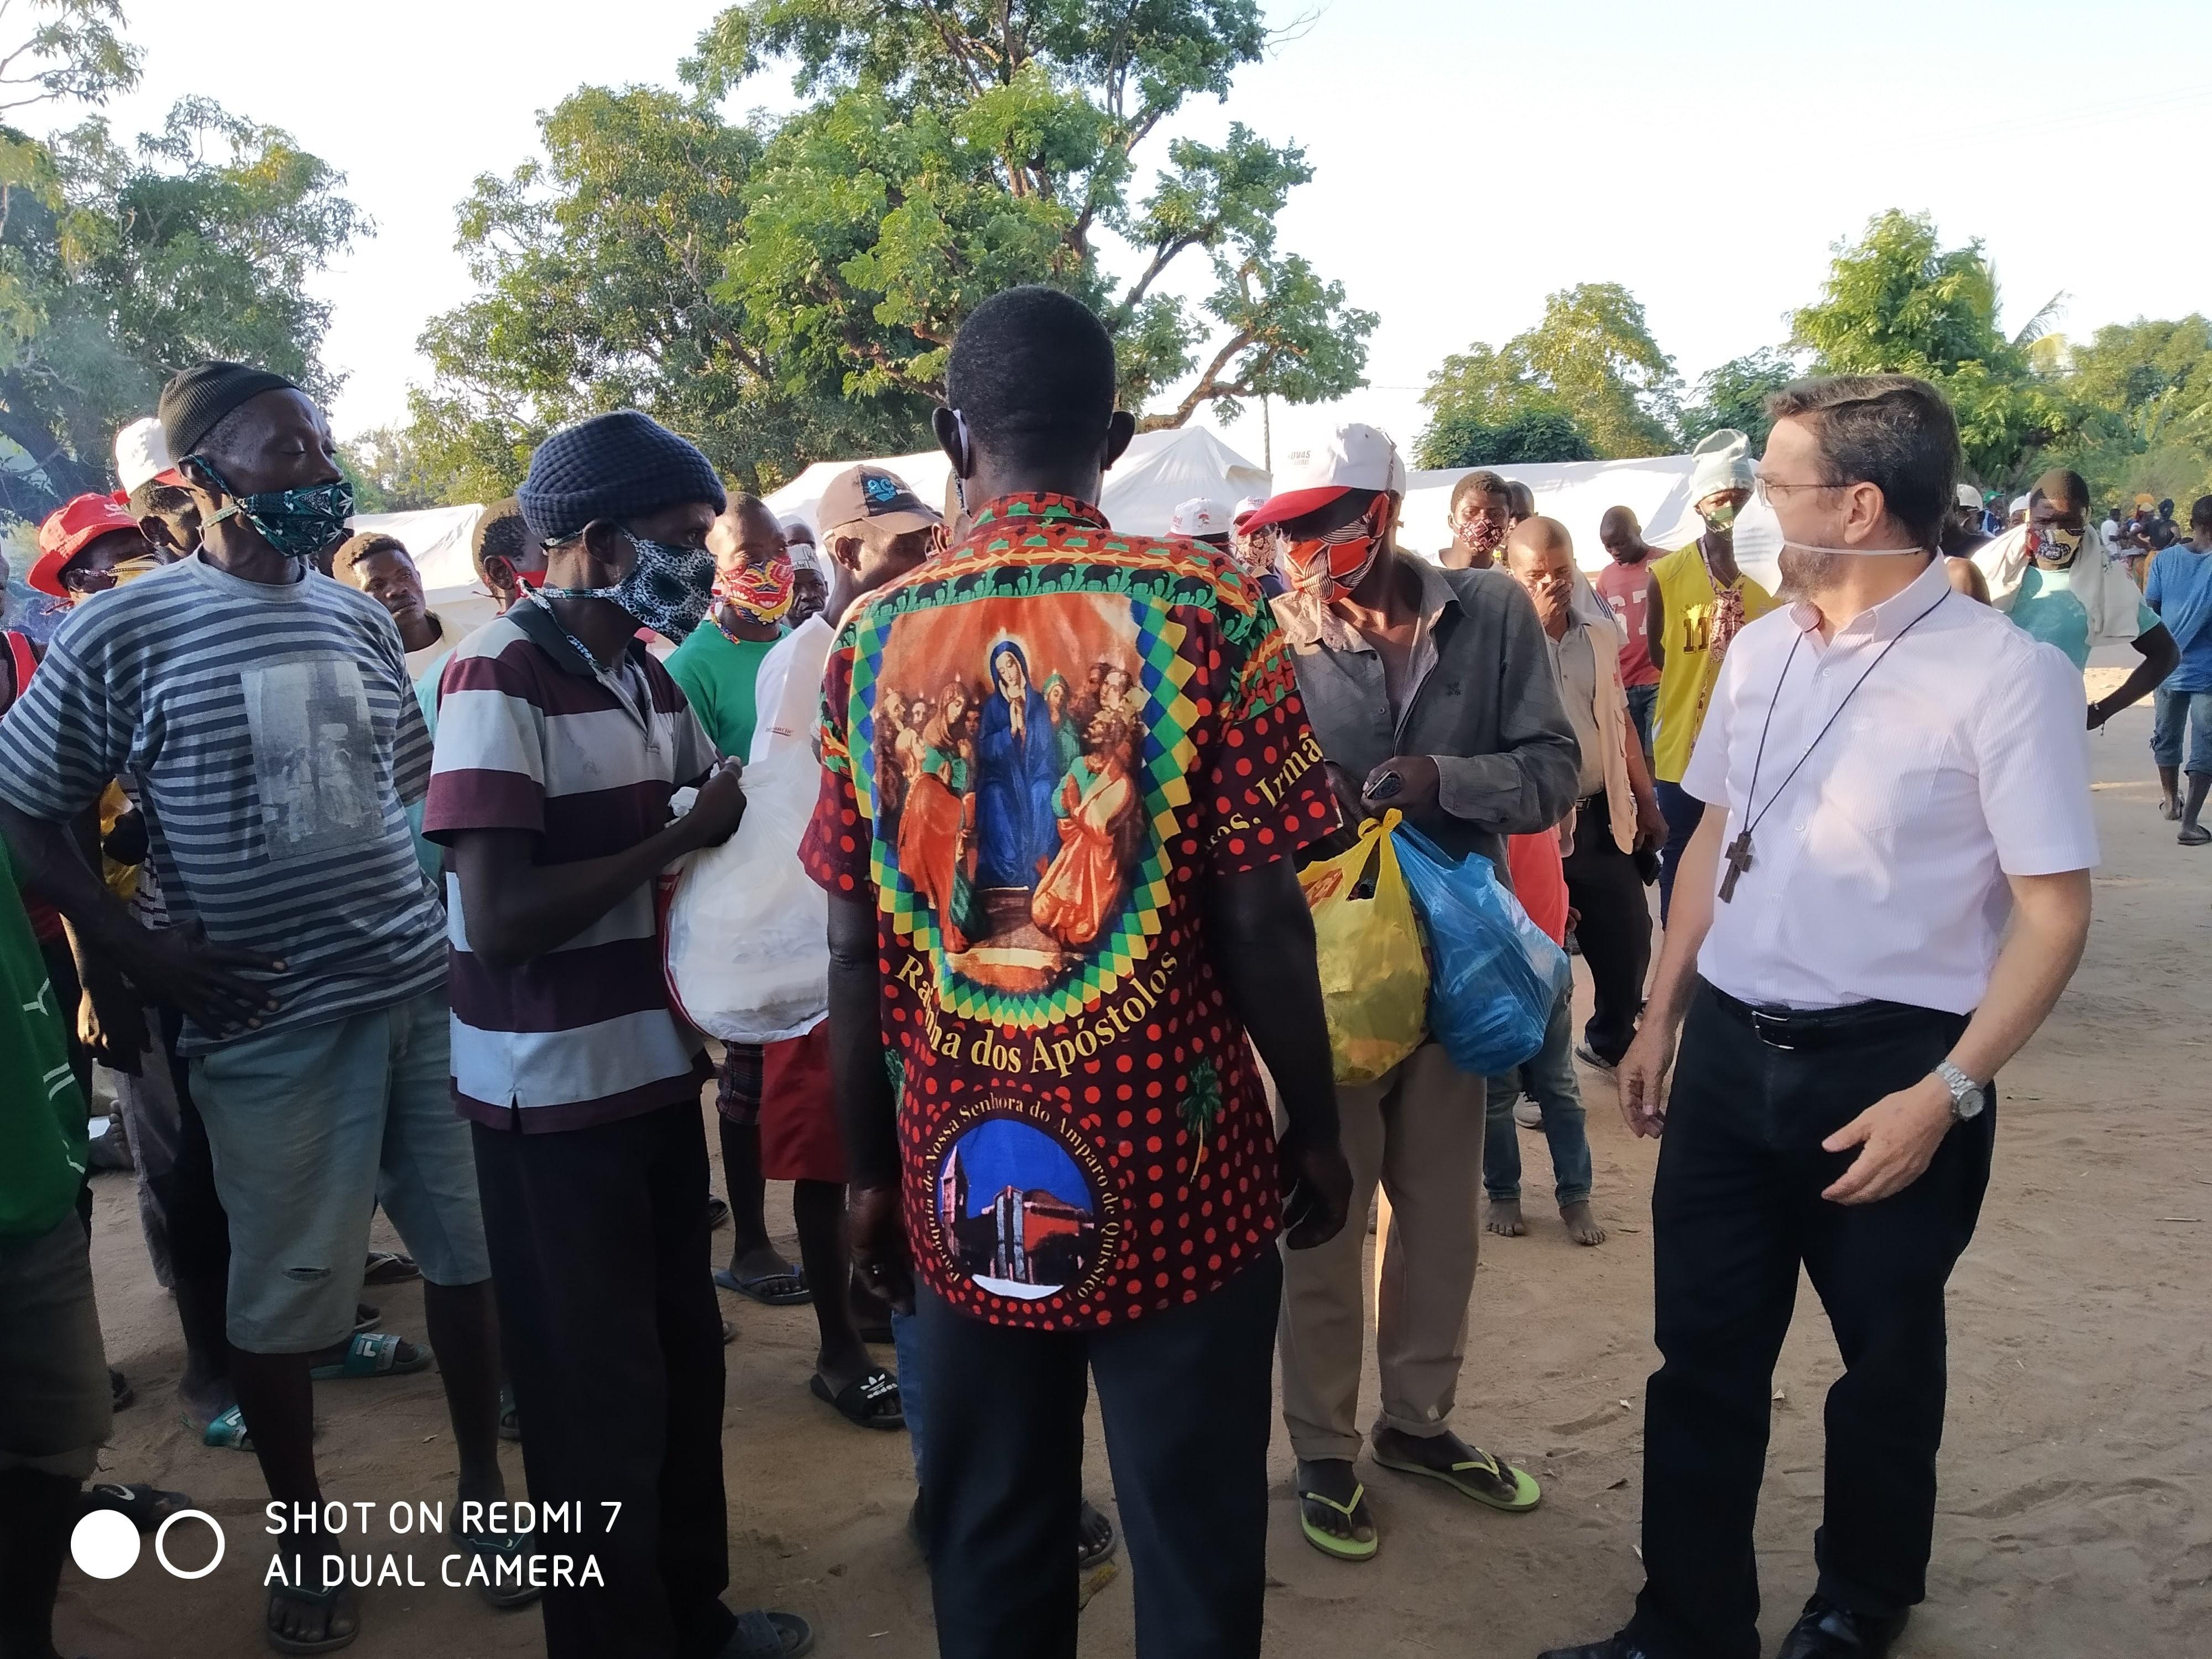 """Mozambique: """"La guerra solo tiene perdedores, pero los que más sufren son los más pobres"""""""